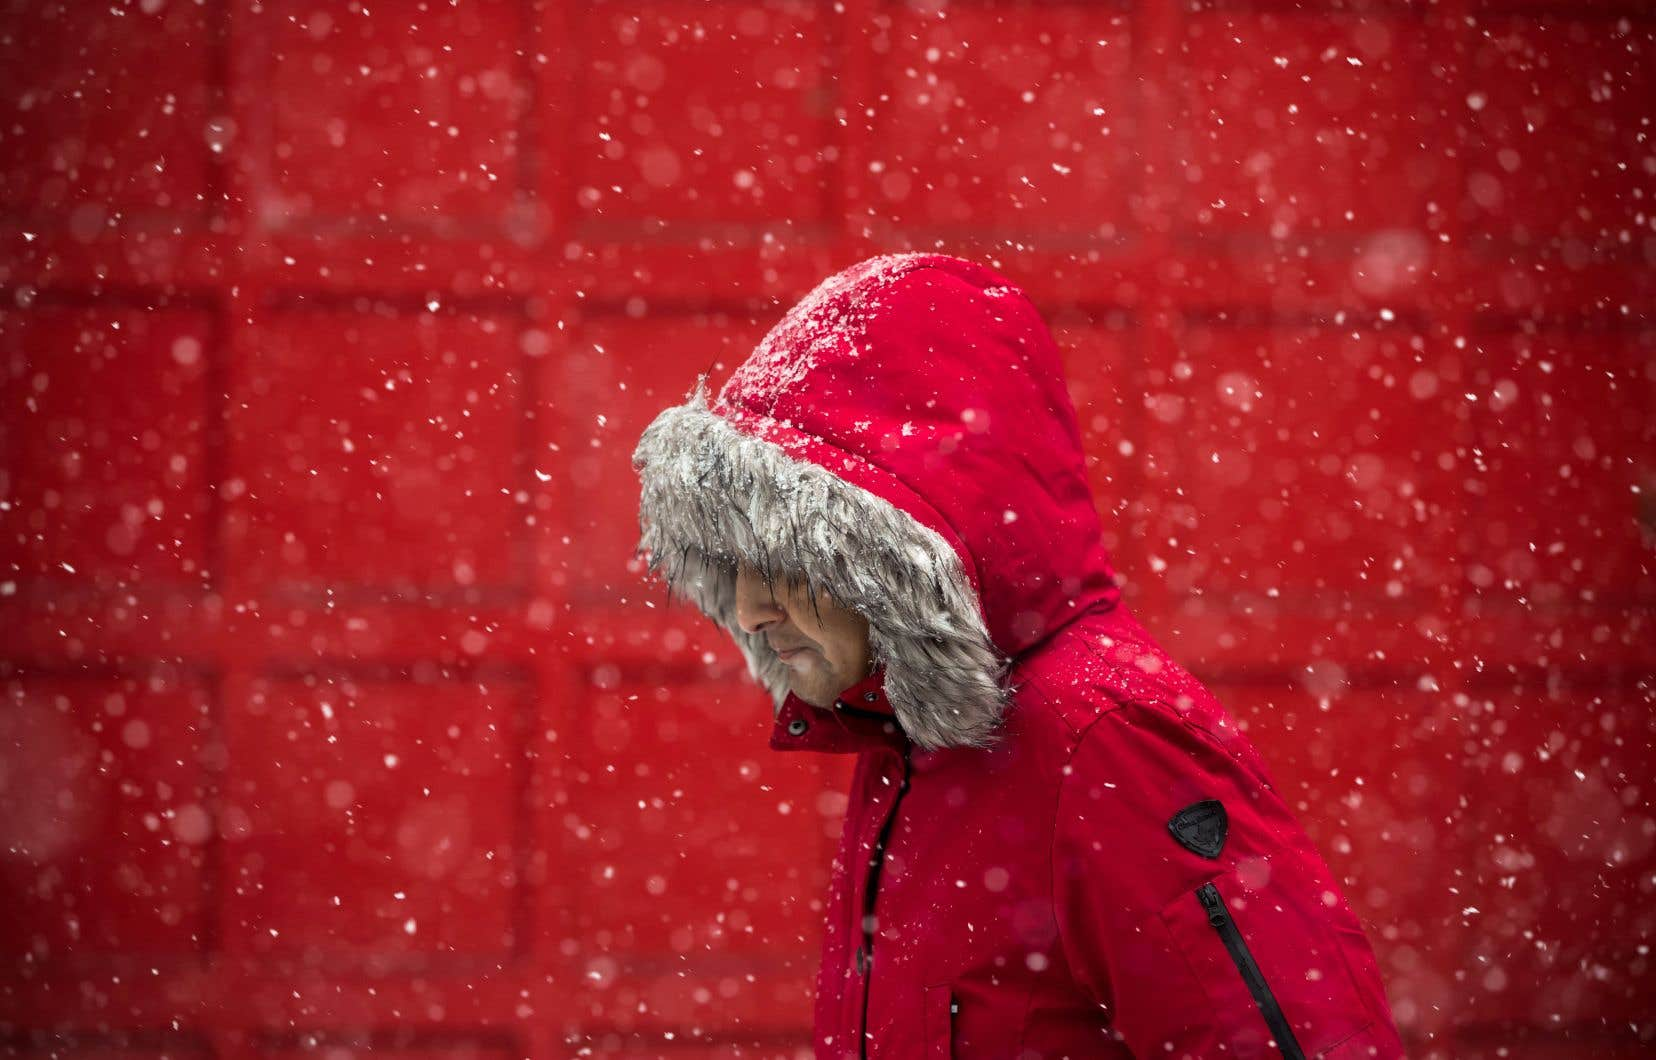 Si le Québec sera frappé par un cocktail météo dimanche, le reste du Canada ne sera pas en reste. Vendredi, la neige avait commencé à tomber à Vancouver, où l'on attendait des accumulations de 15 centimètres.